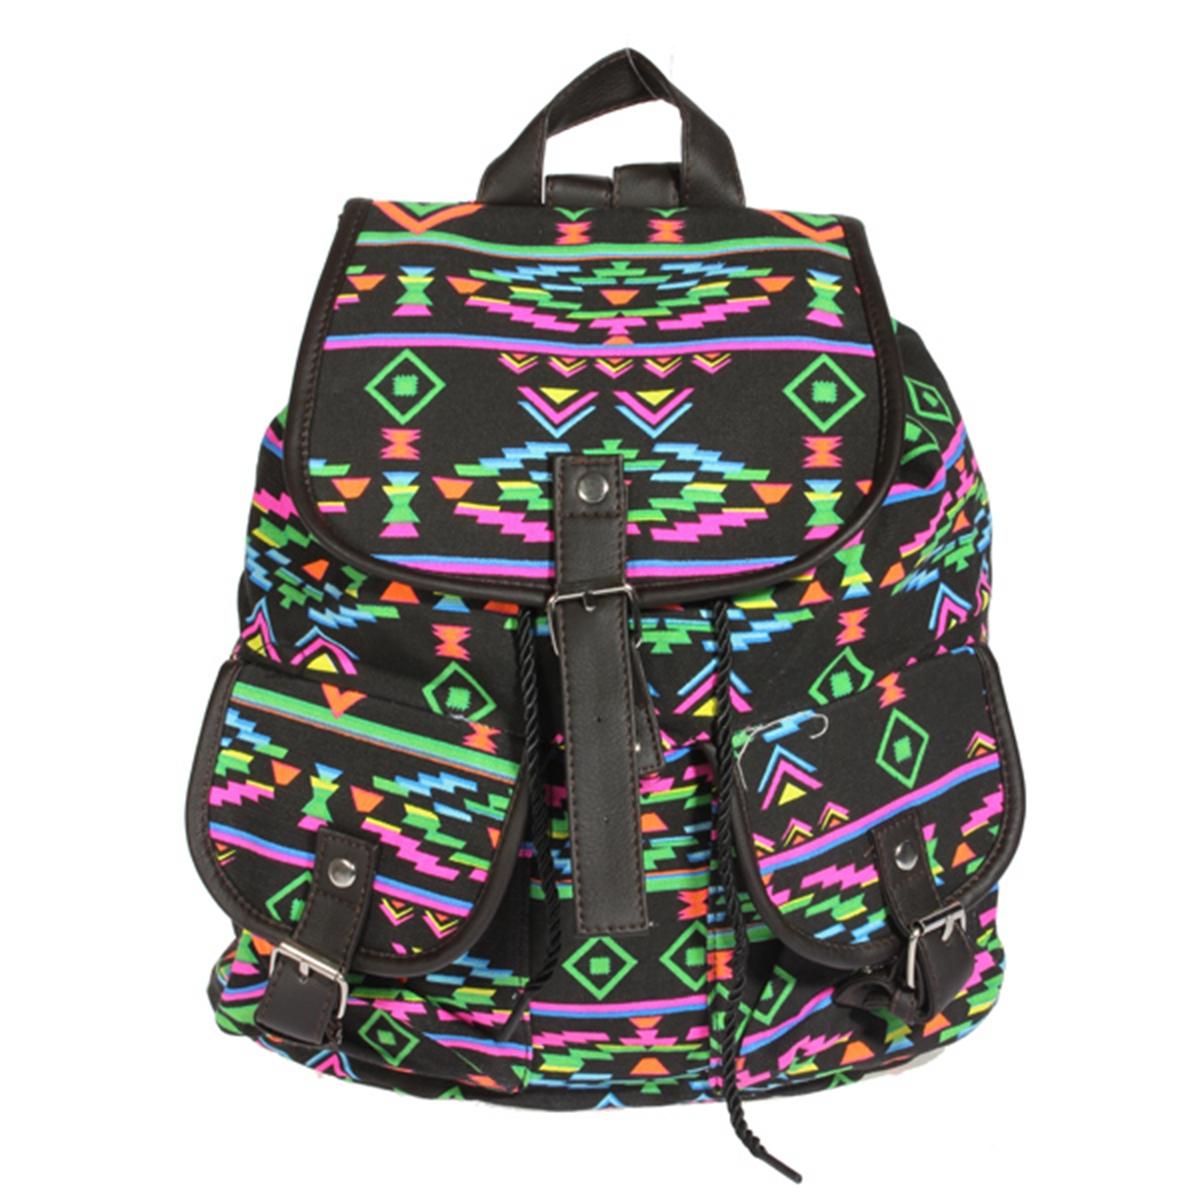 retro women travel canvas backpack rucksack shoulder. Black Bedroom Furniture Sets. Home Design Ideas